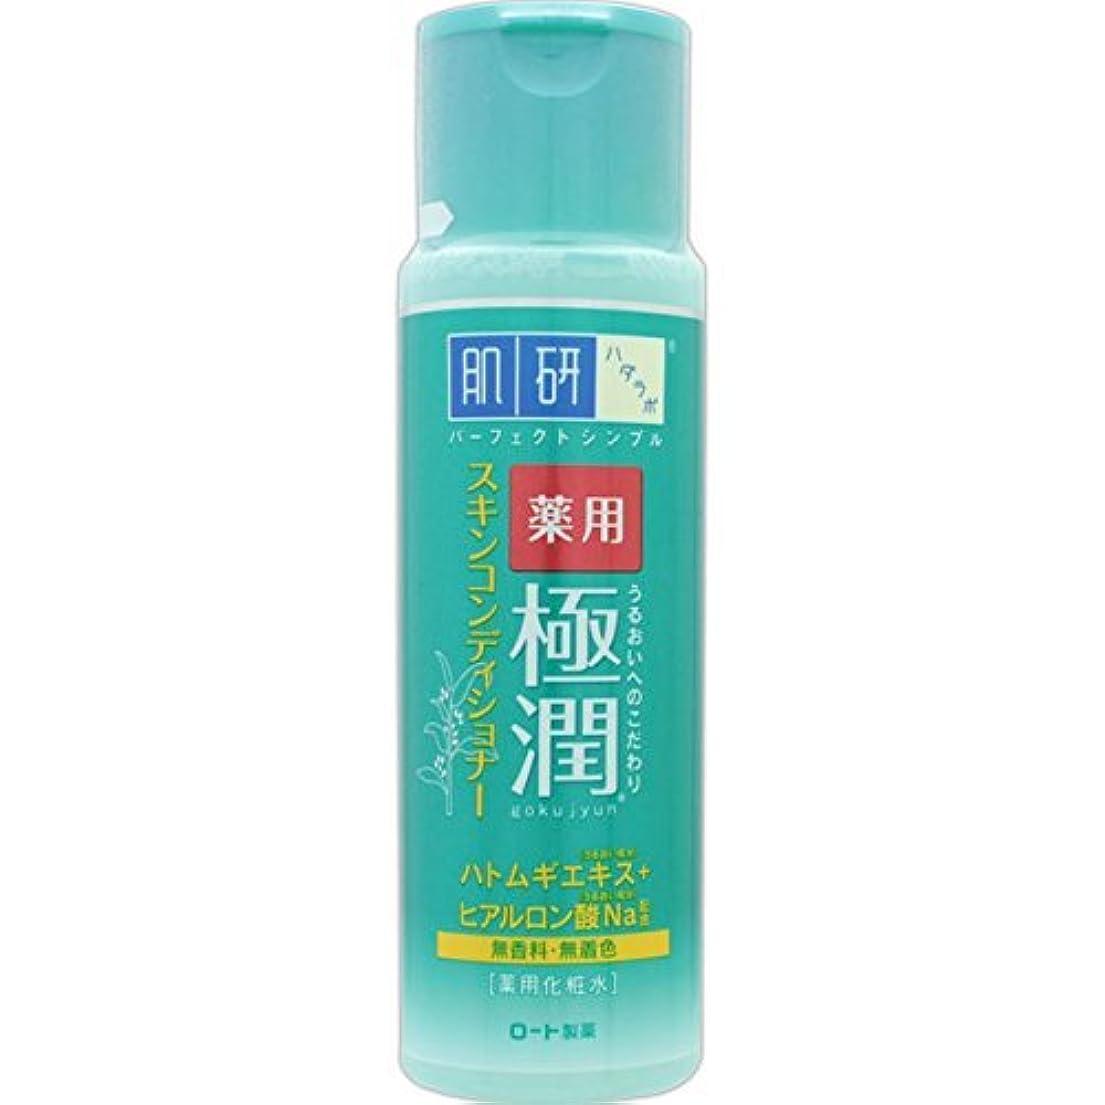 良心着替えるのために肌研 薬用 極潤 スキンコンディショナー 170mL (医薬部外品)